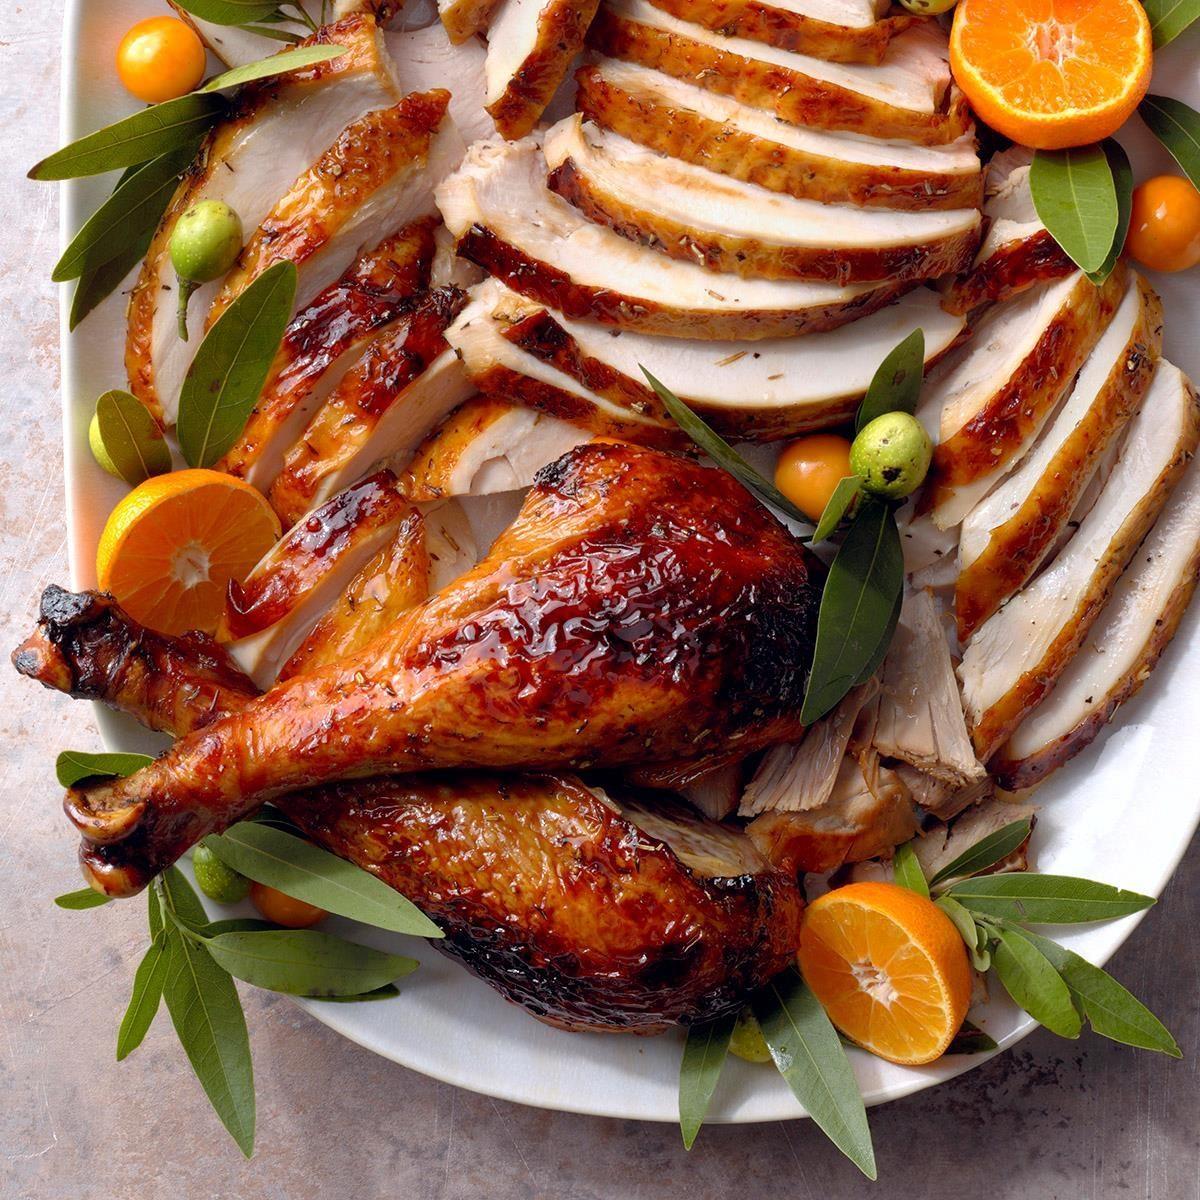 Herb glazed turkey